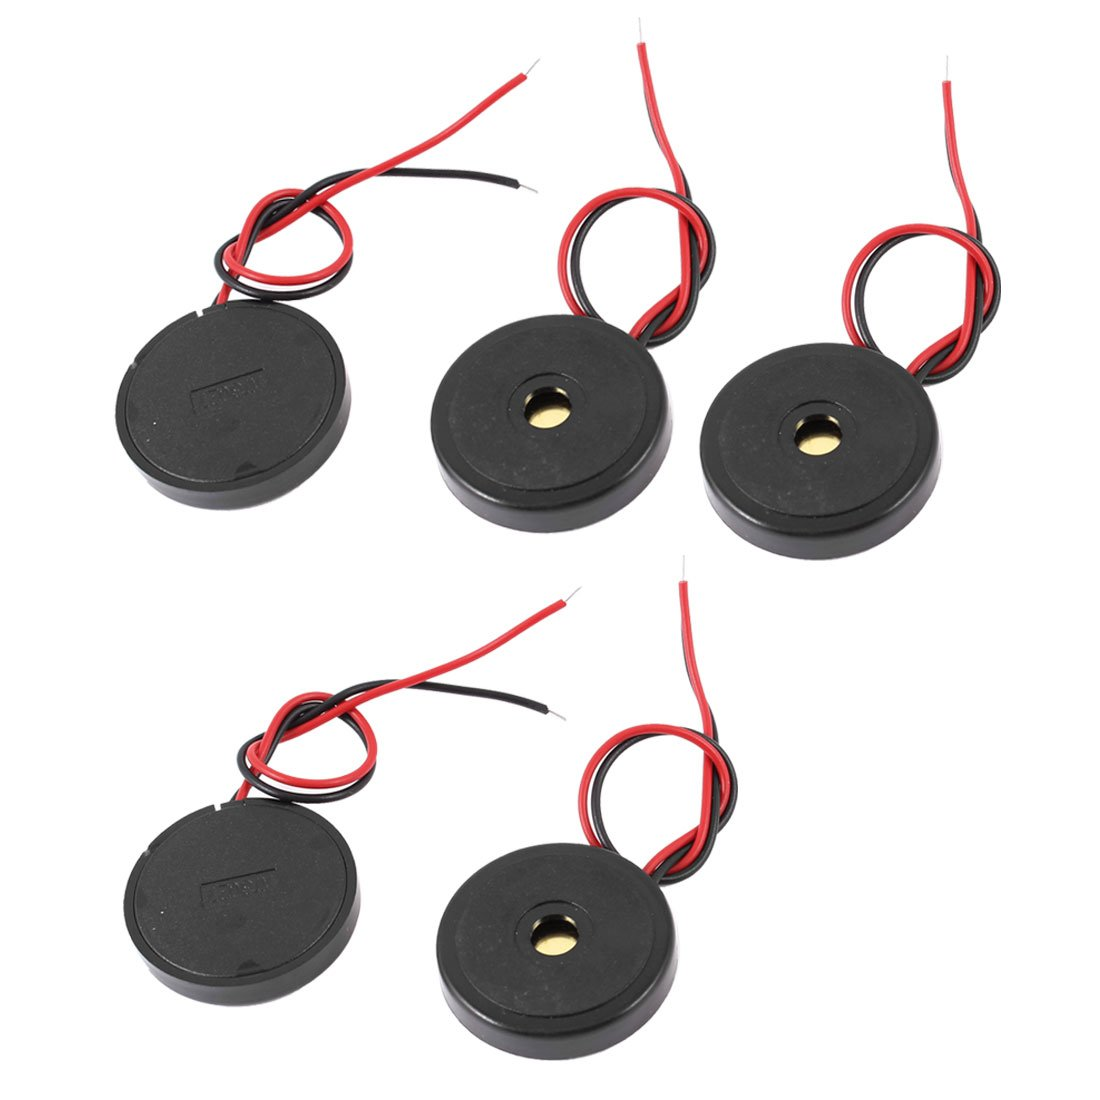 Sourcingmap a14062400ux0173 5 Stü ck DC 1– 30V 90 DB SOUND passiver elektronischer Summer Alarm Schwarz 30 x 6 mm –  (1Stü ck)